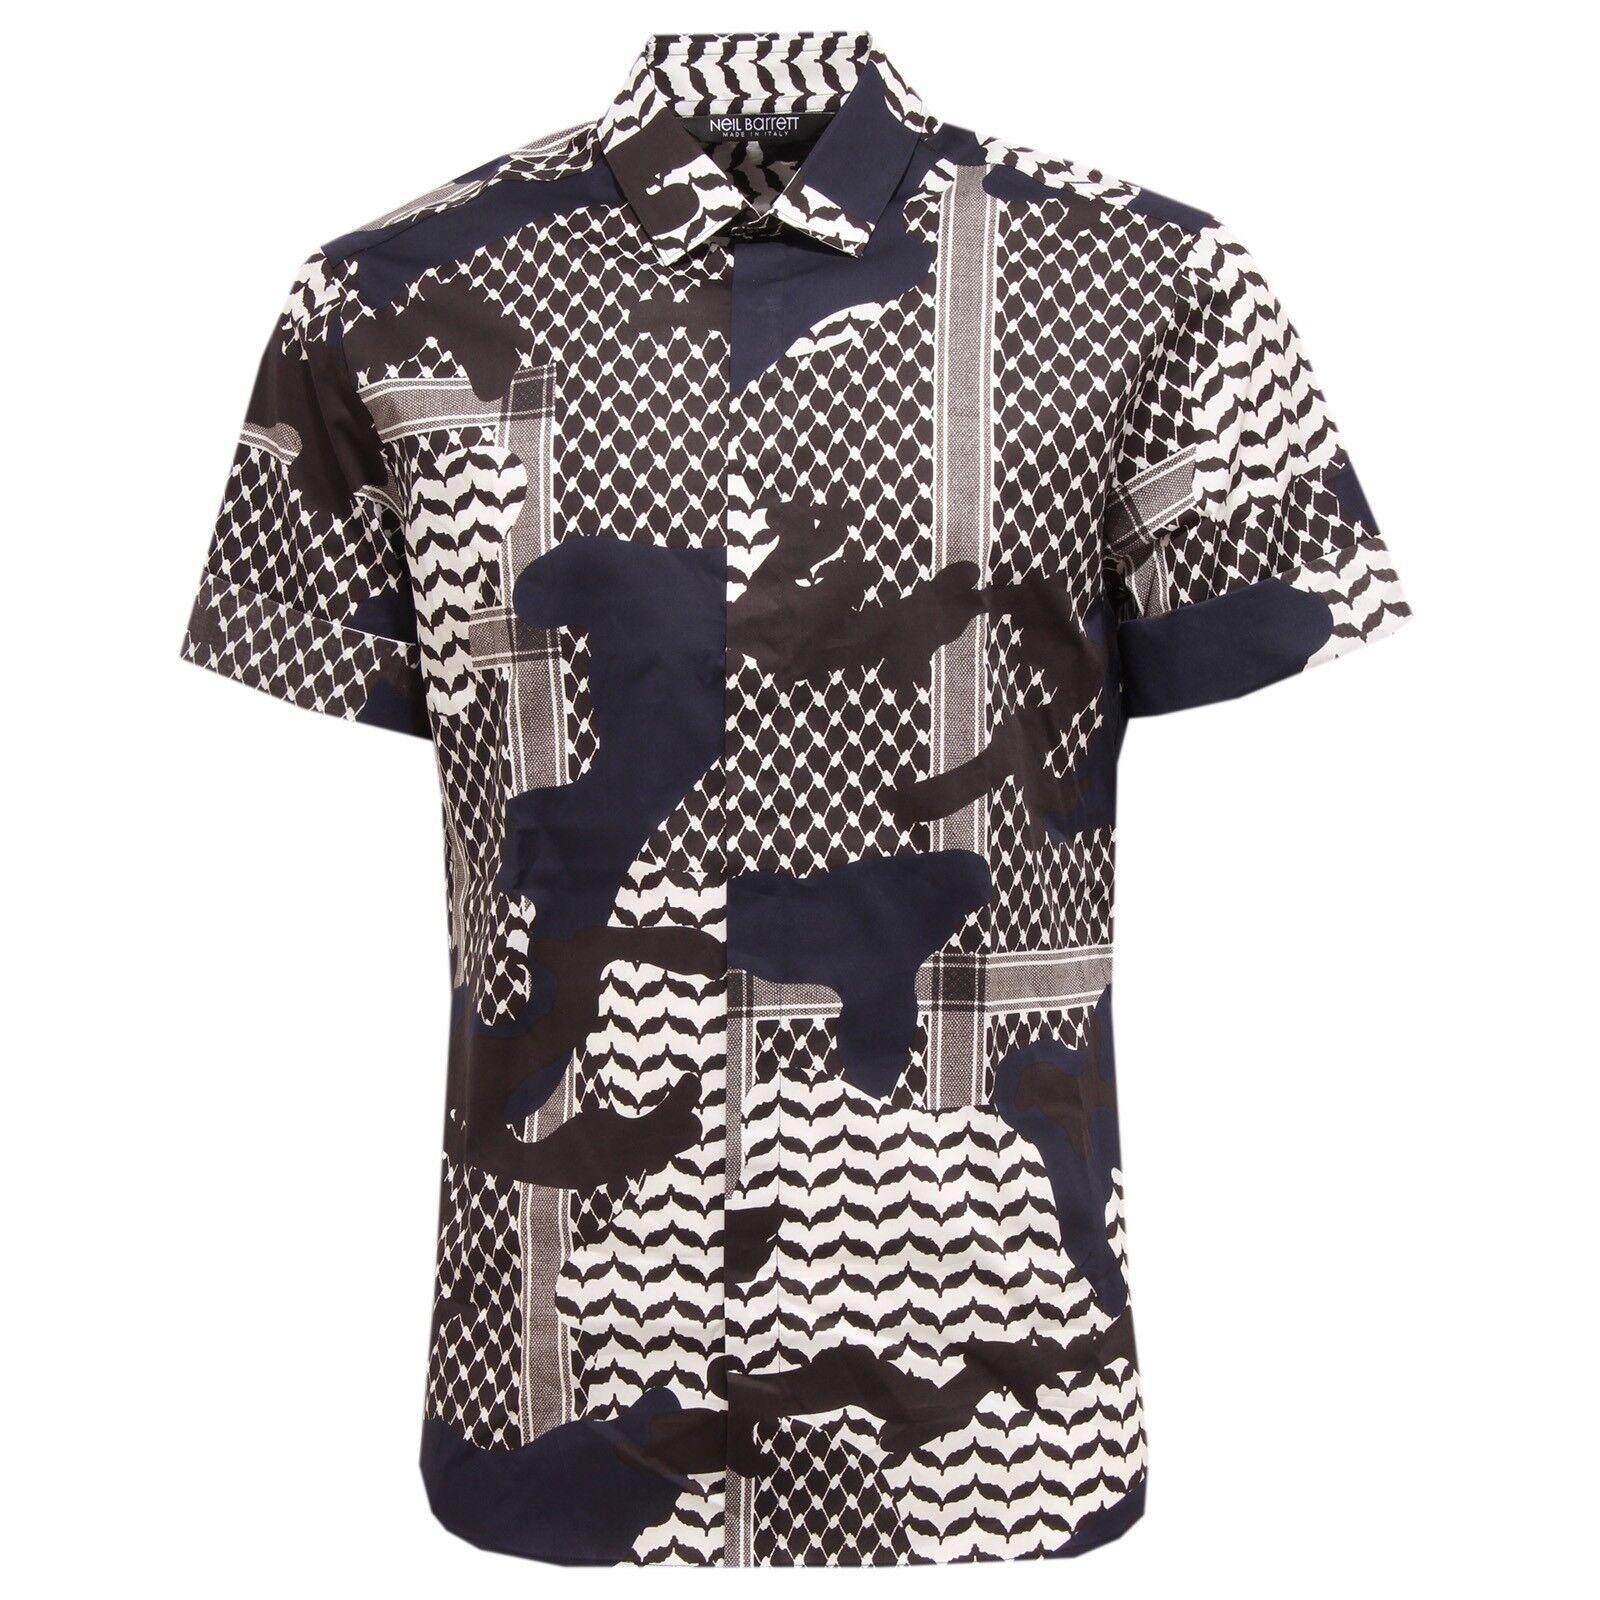 6280T camicia uomo NEIL BARRETT manica corta multicolore shirt short sleeve men